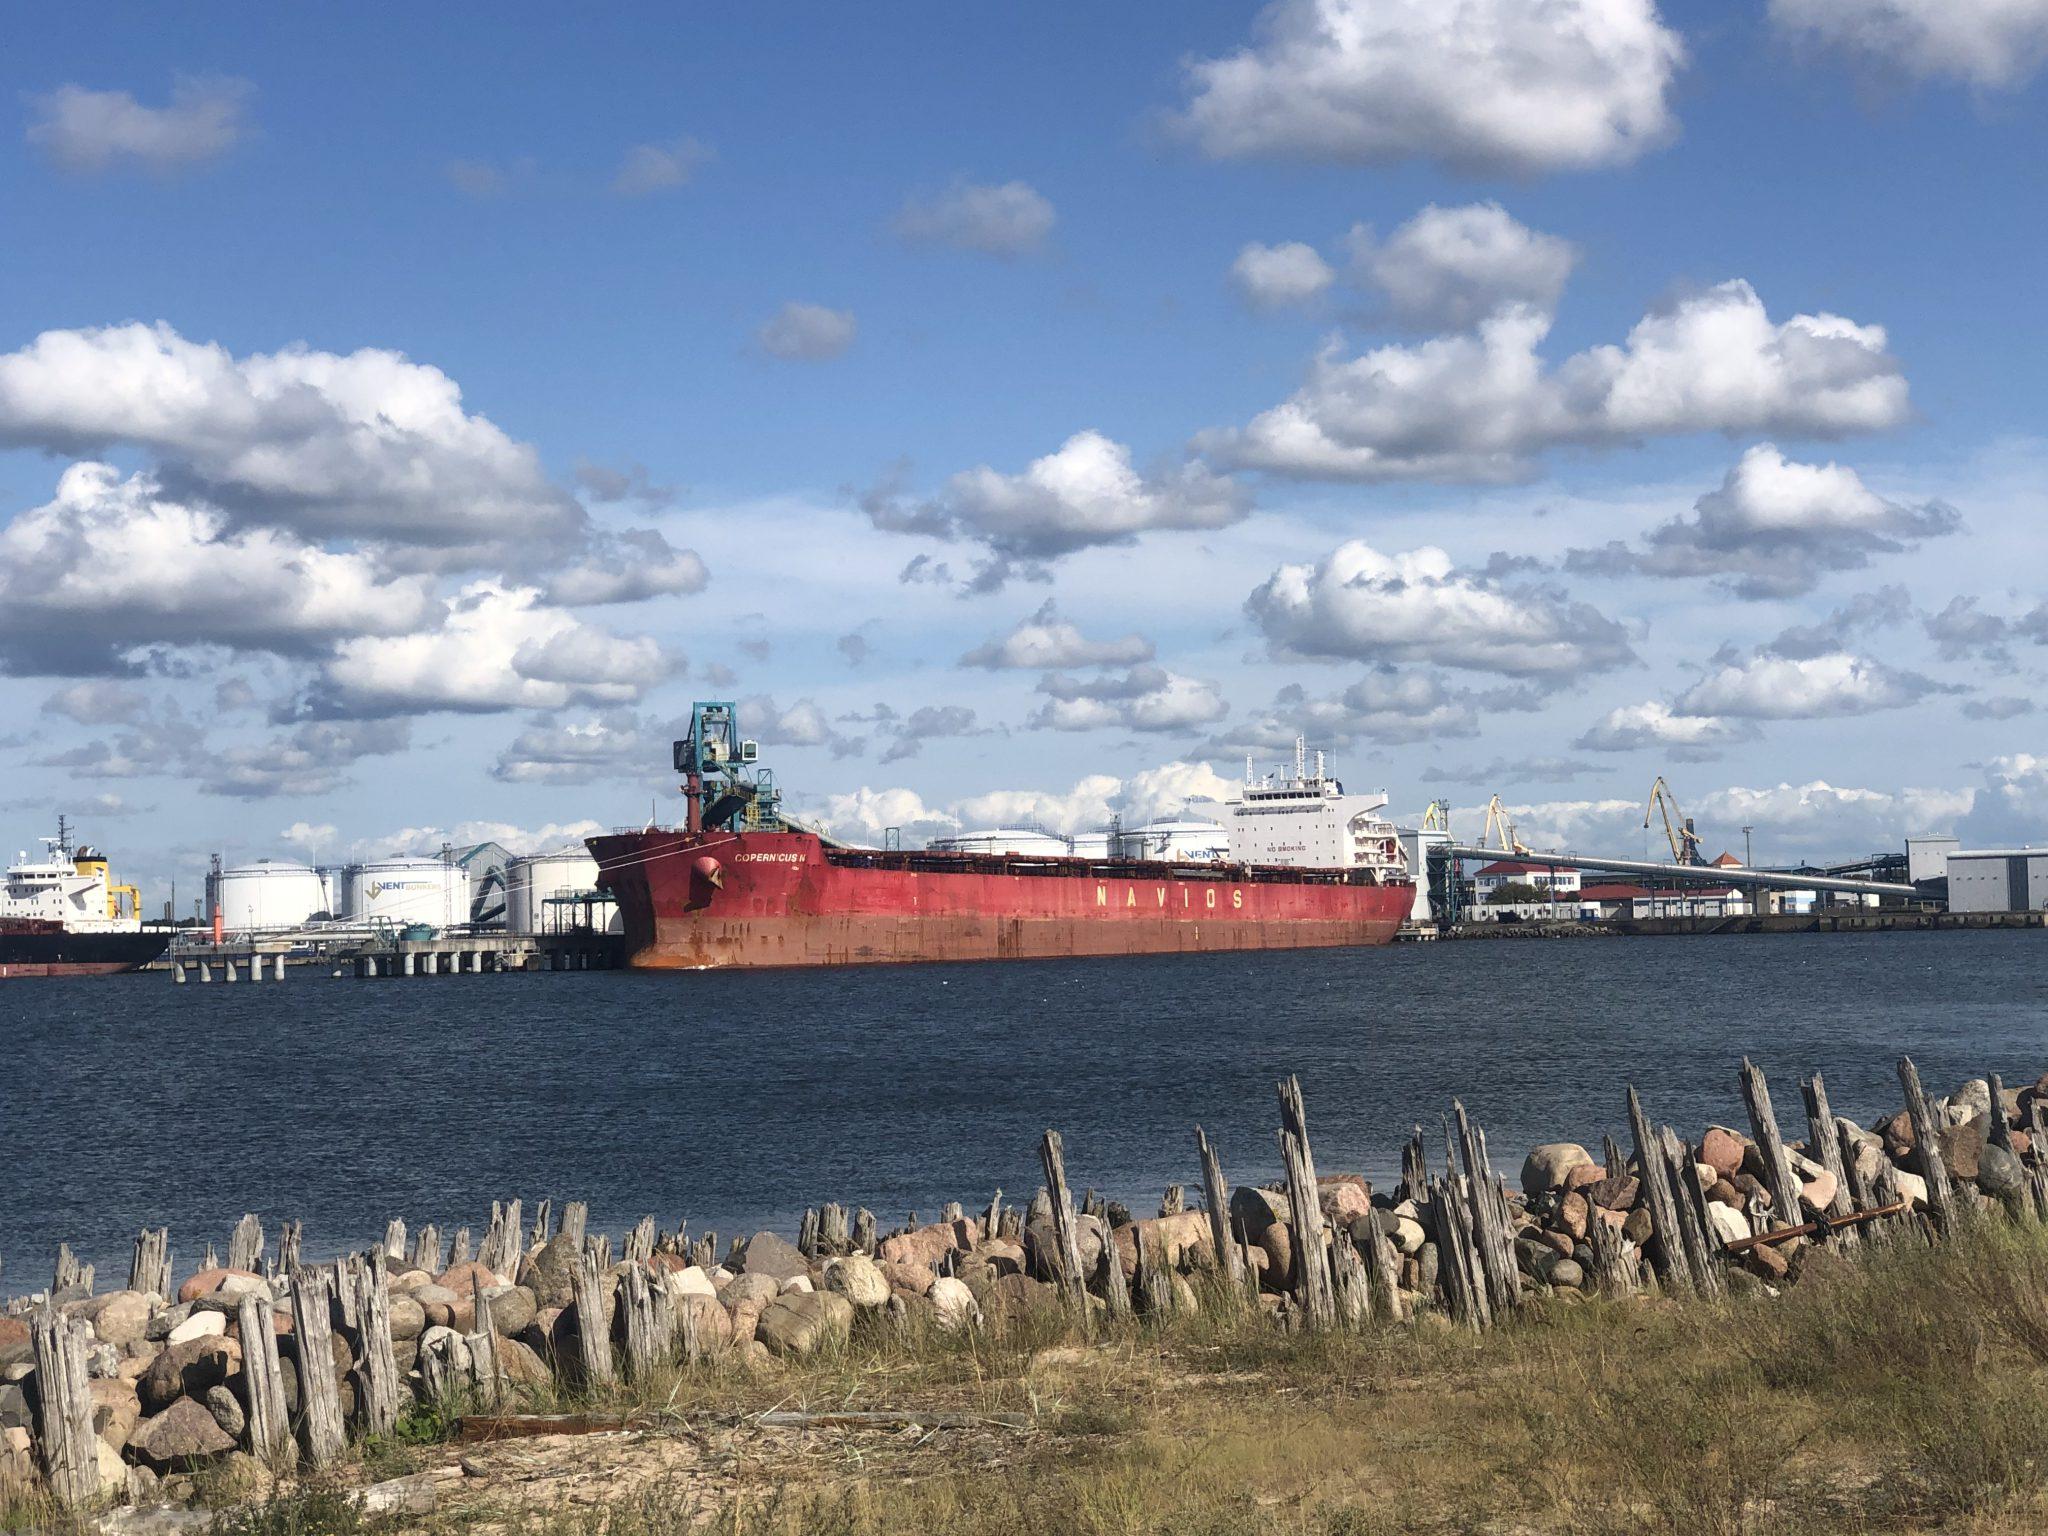 Ventspils am Hafen in Lettland mit Container Schiff